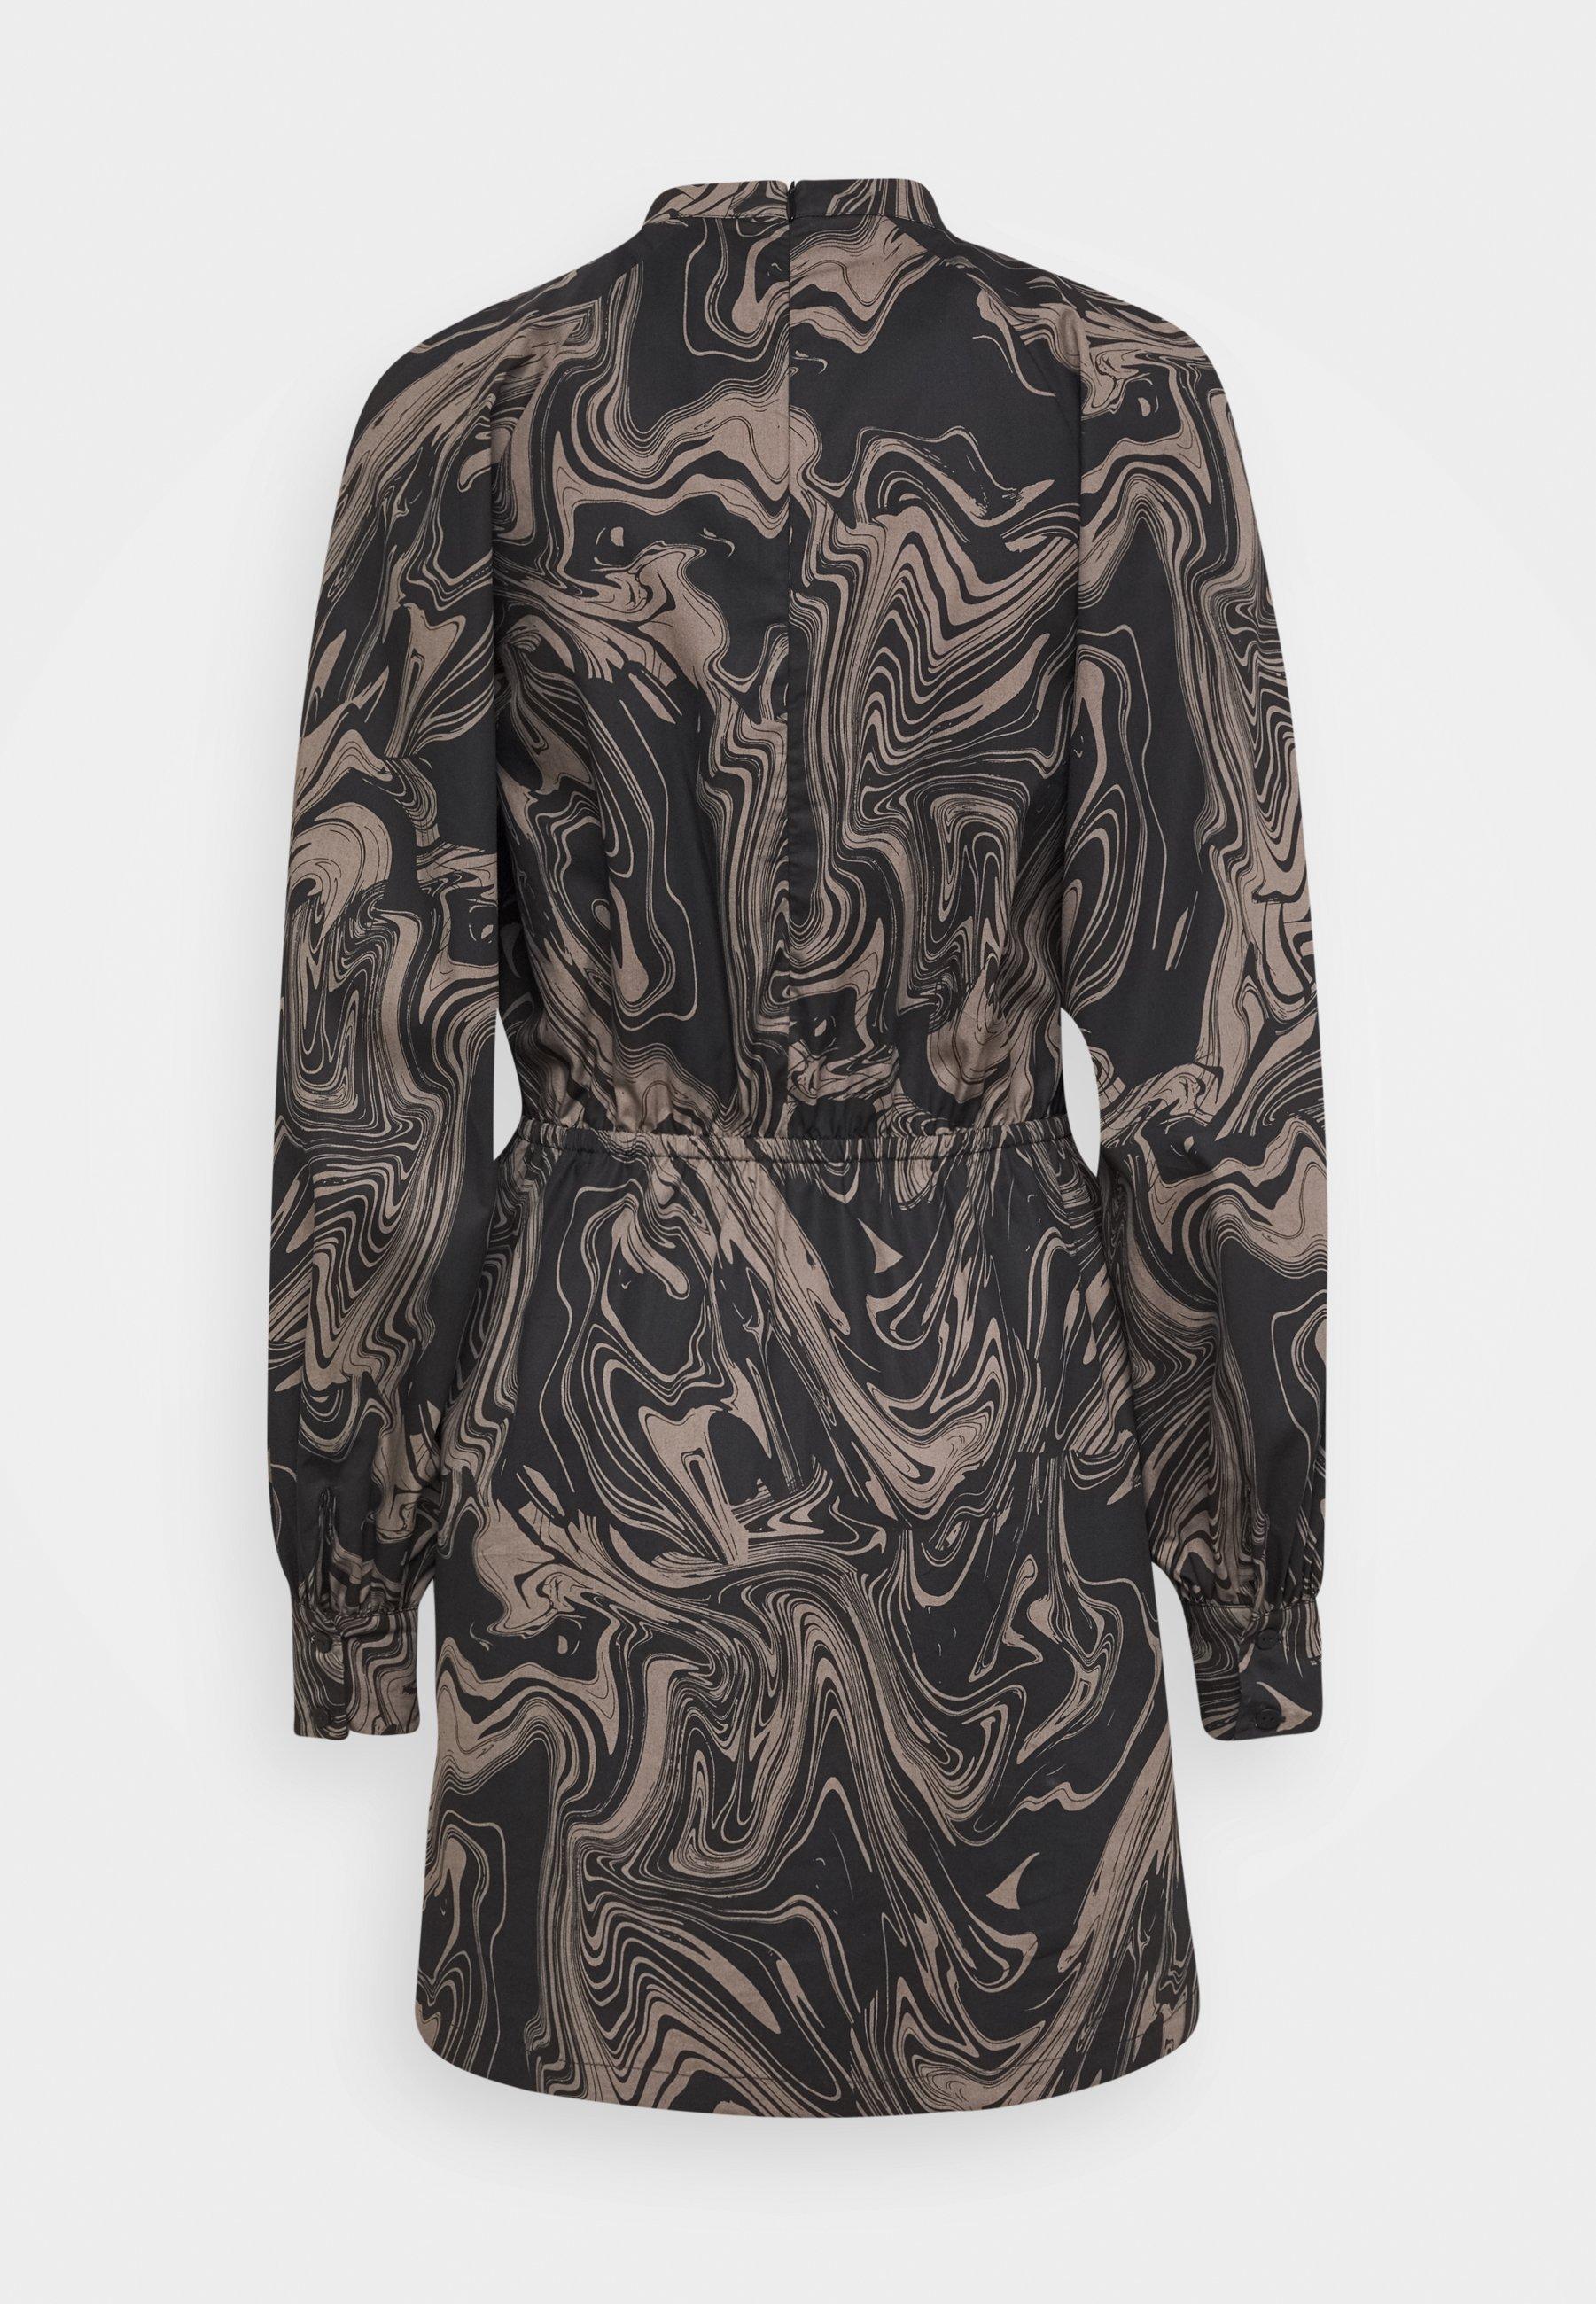 Soldes Robe Zalando, Versus Versace Robe en jersey